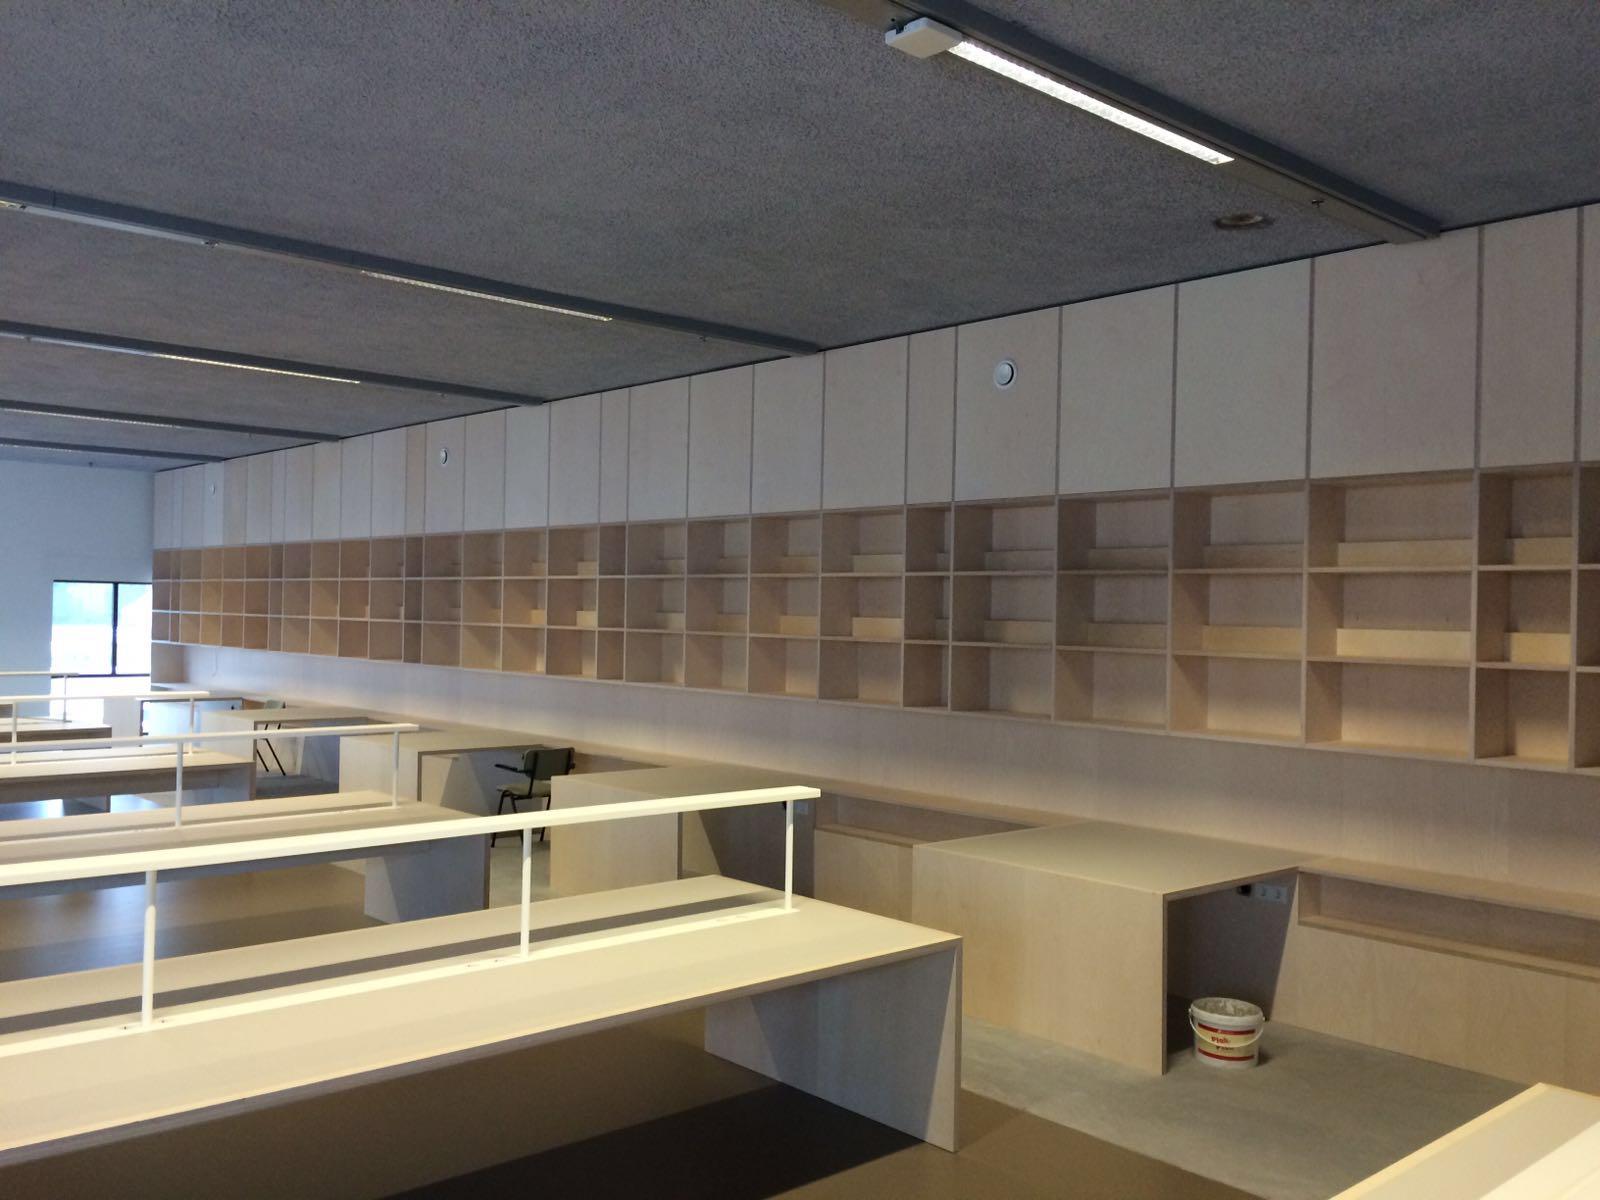 image 3 - Bibliotheek Ligne Sittard